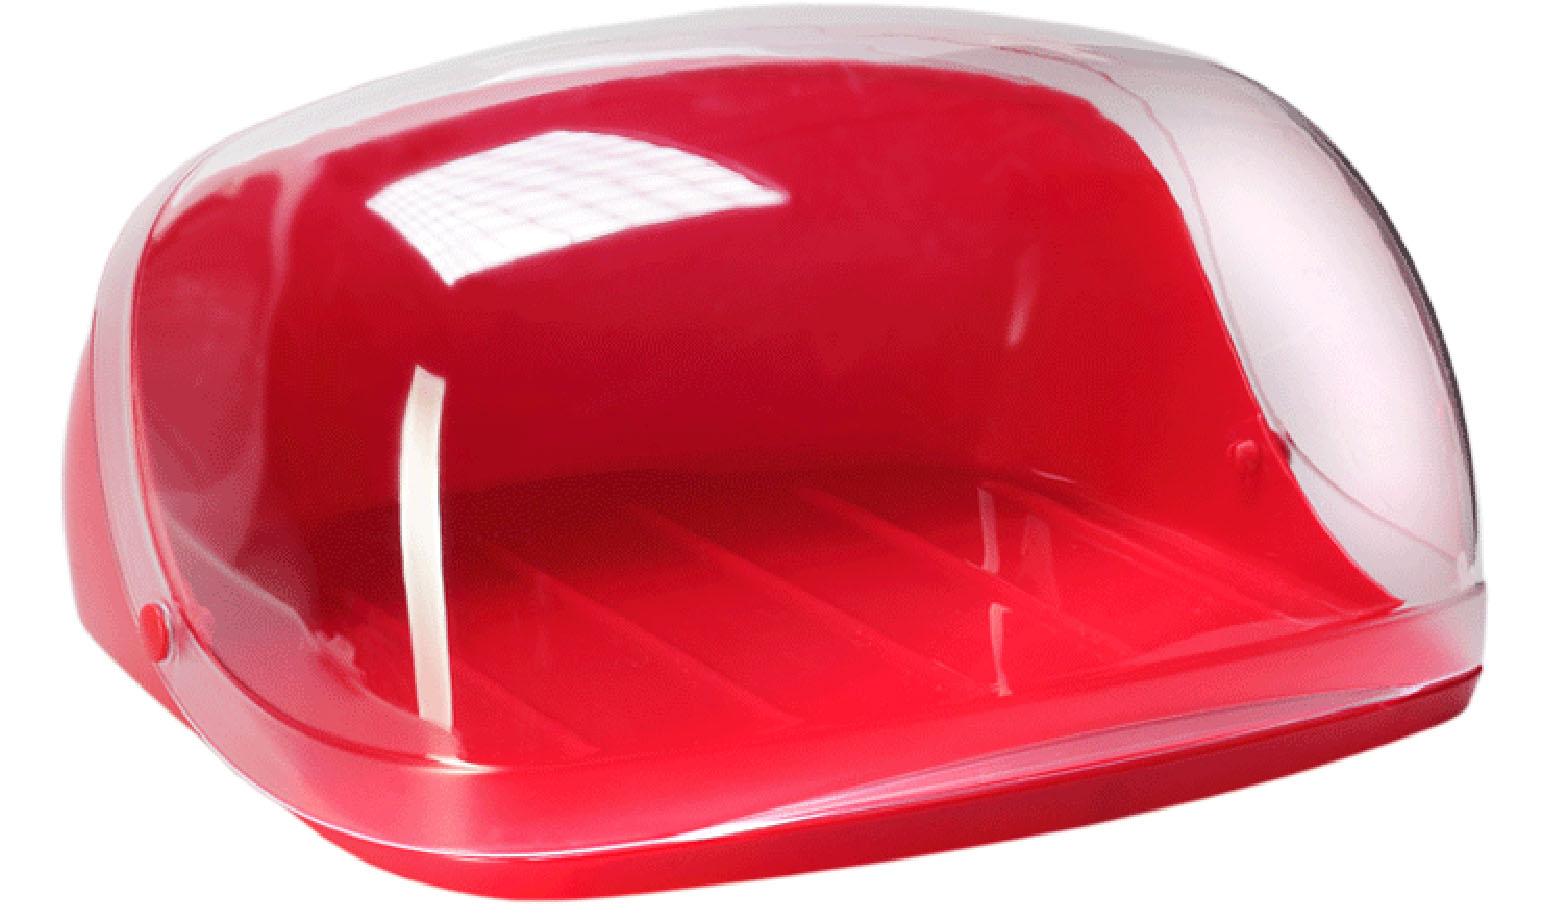 Хлебница Idea Кристалл, цвет: красный, прозрачный, 40 х 29 х 16 смМ 1181Хлебница Idea Кристалл, изготовленная из пищевого пластика, обеспечивает идеальные условия хранения для различных видов хлебобулочных изделий, надолго сохраняя их свежесть. Изделие оснащено плотно закрывающейся крышкой, защищающей продукты от воздействия внешних факторов (запахов и влаги). Вместительность, функциональность и стильный дизайн позволят хлебнице стать не только незаменимым аксессуаром на кухне, но и предметом украшения интерьера. В ней хлеб всегда останется свежим и вкусным.